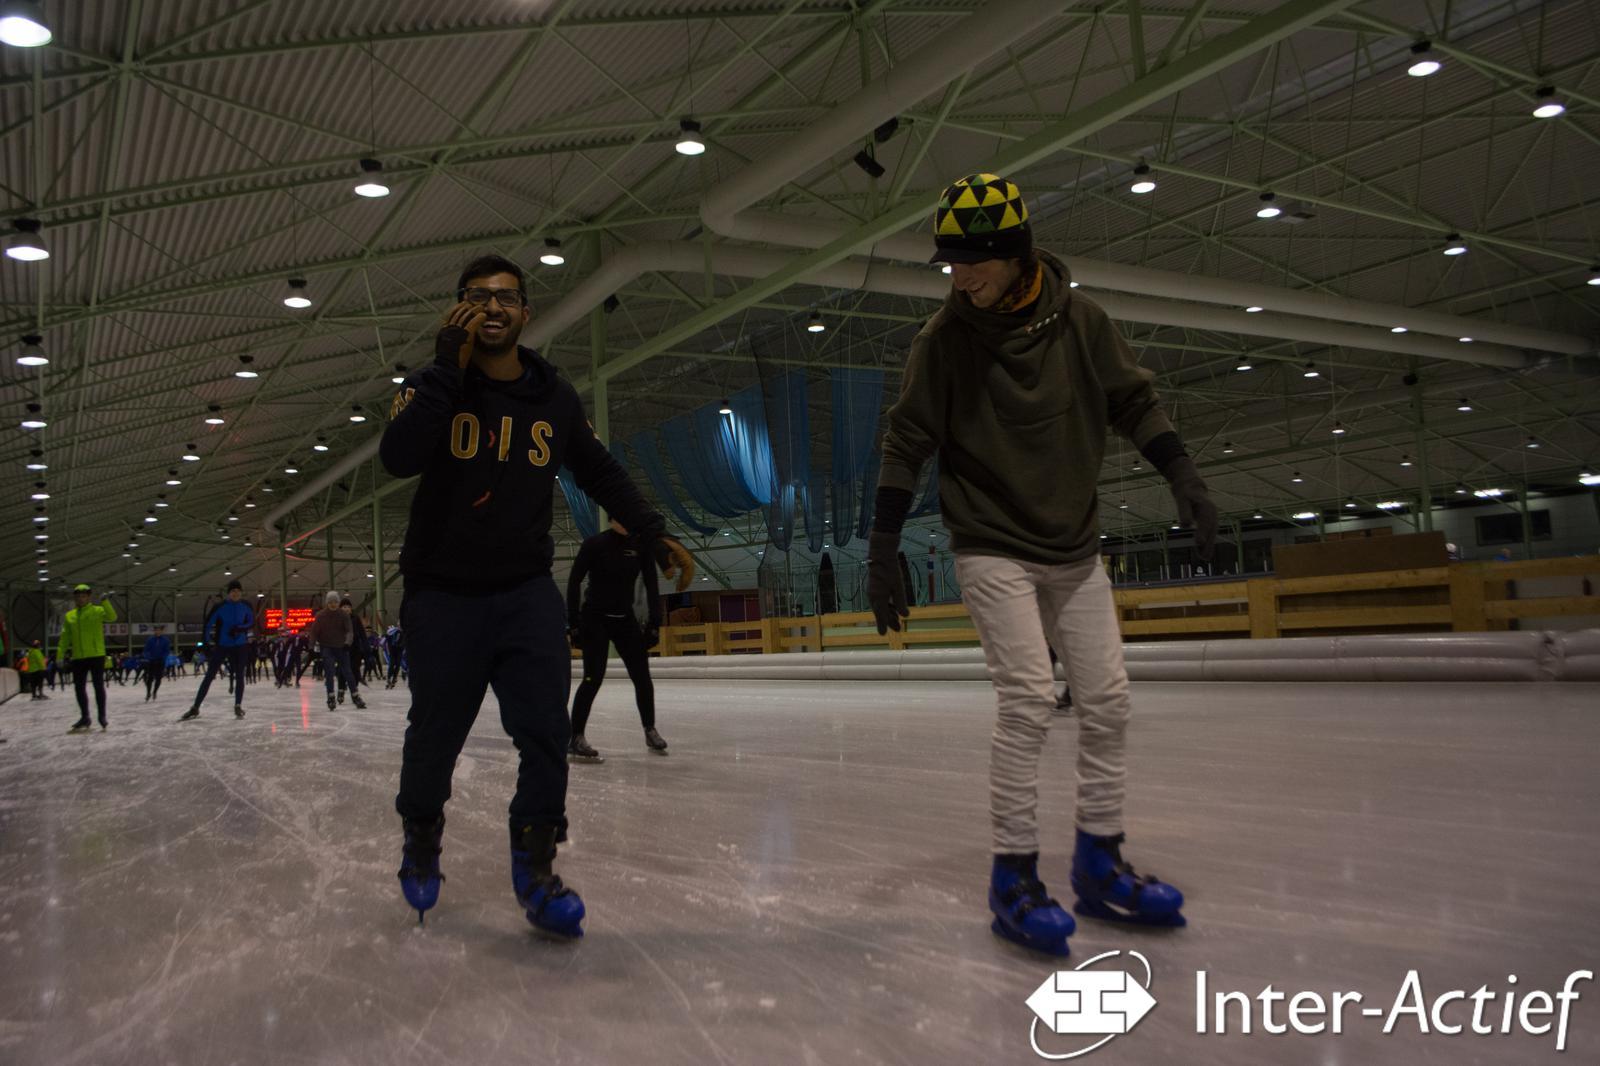 IceSkating20200116_NielsdeGroot-8.jpg